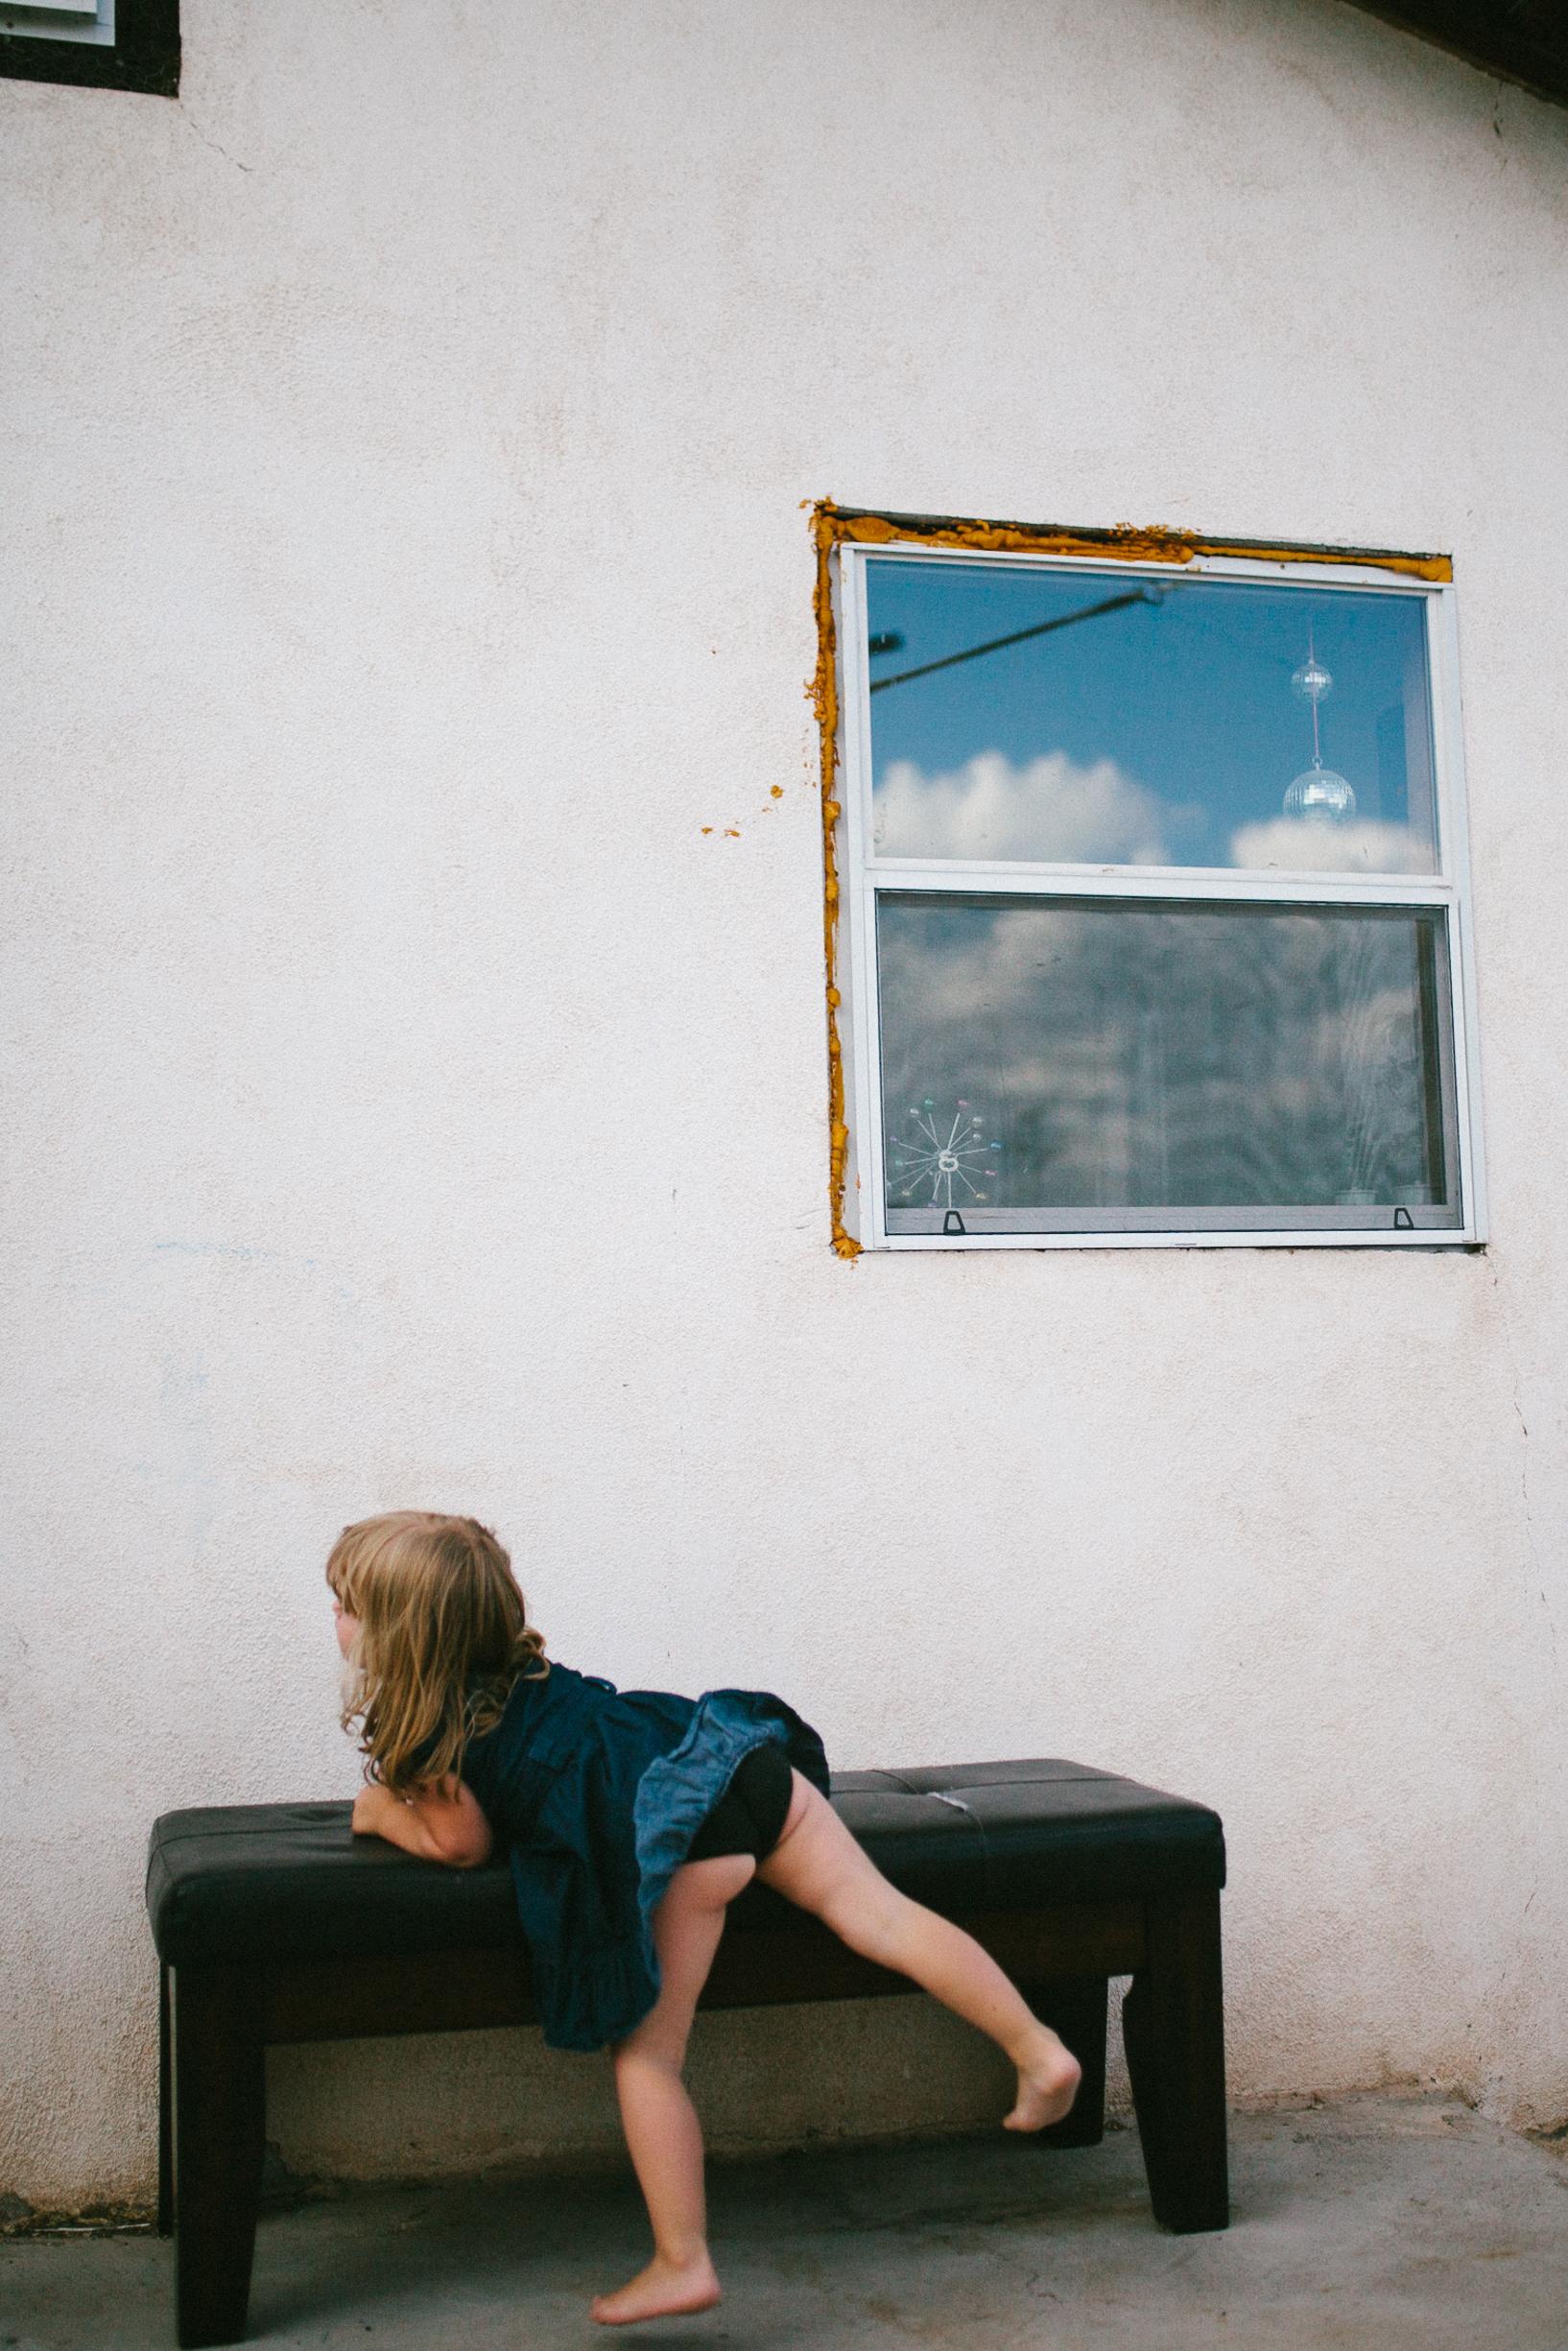 Cathlin McCullough Austin Photographer Lifestyle-70-2.jpg